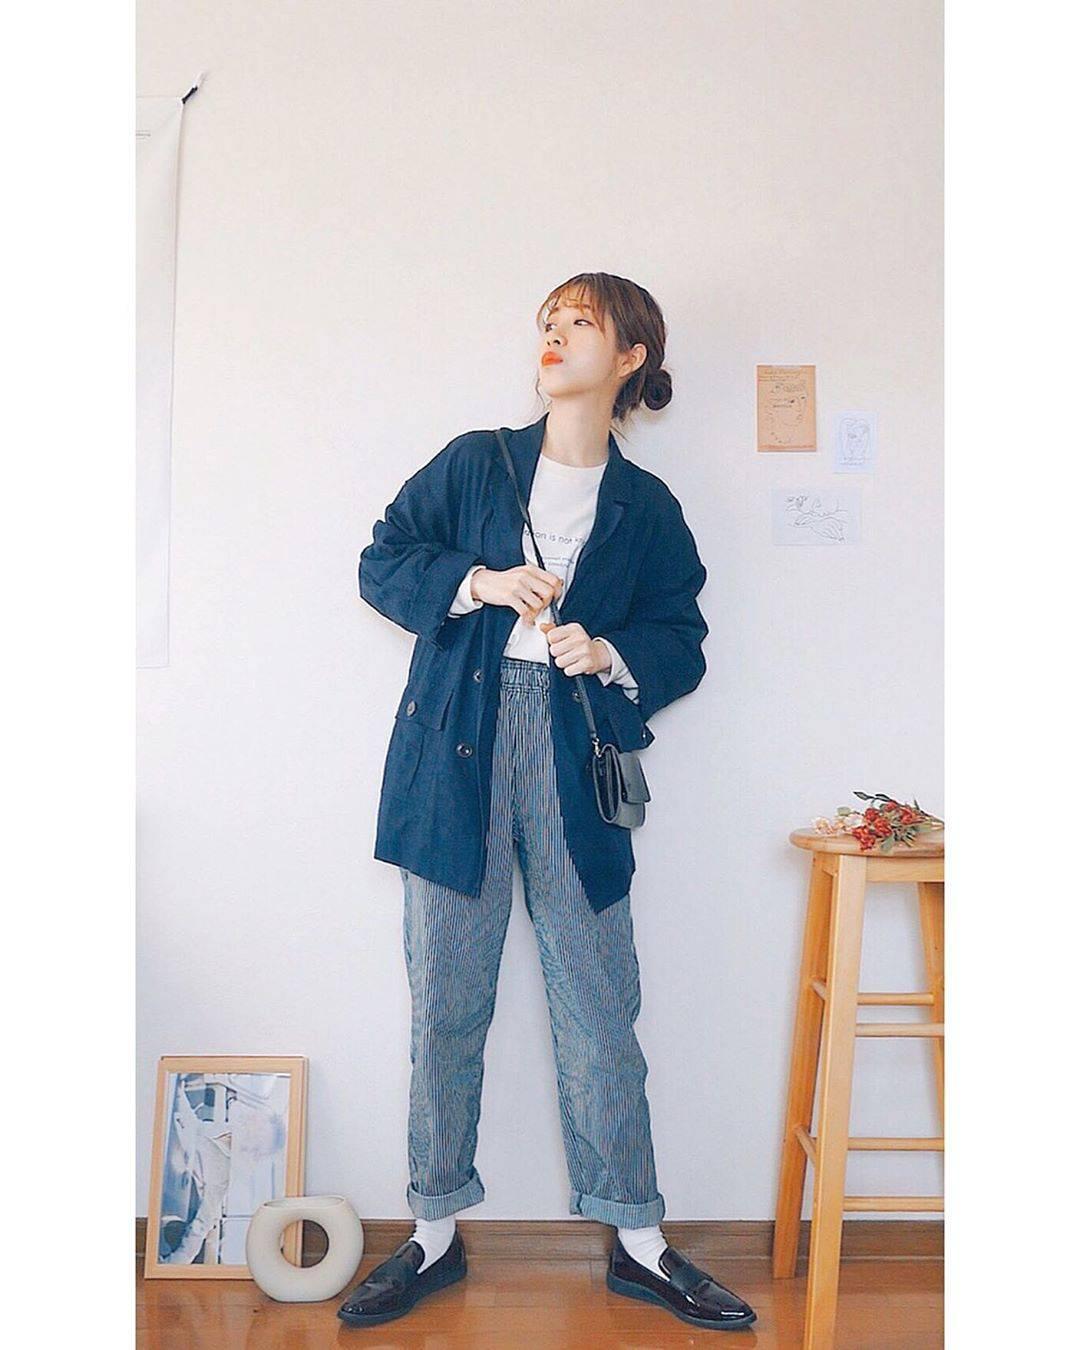 最高気温12度・最低気温6度 natsu_outfitsの服装